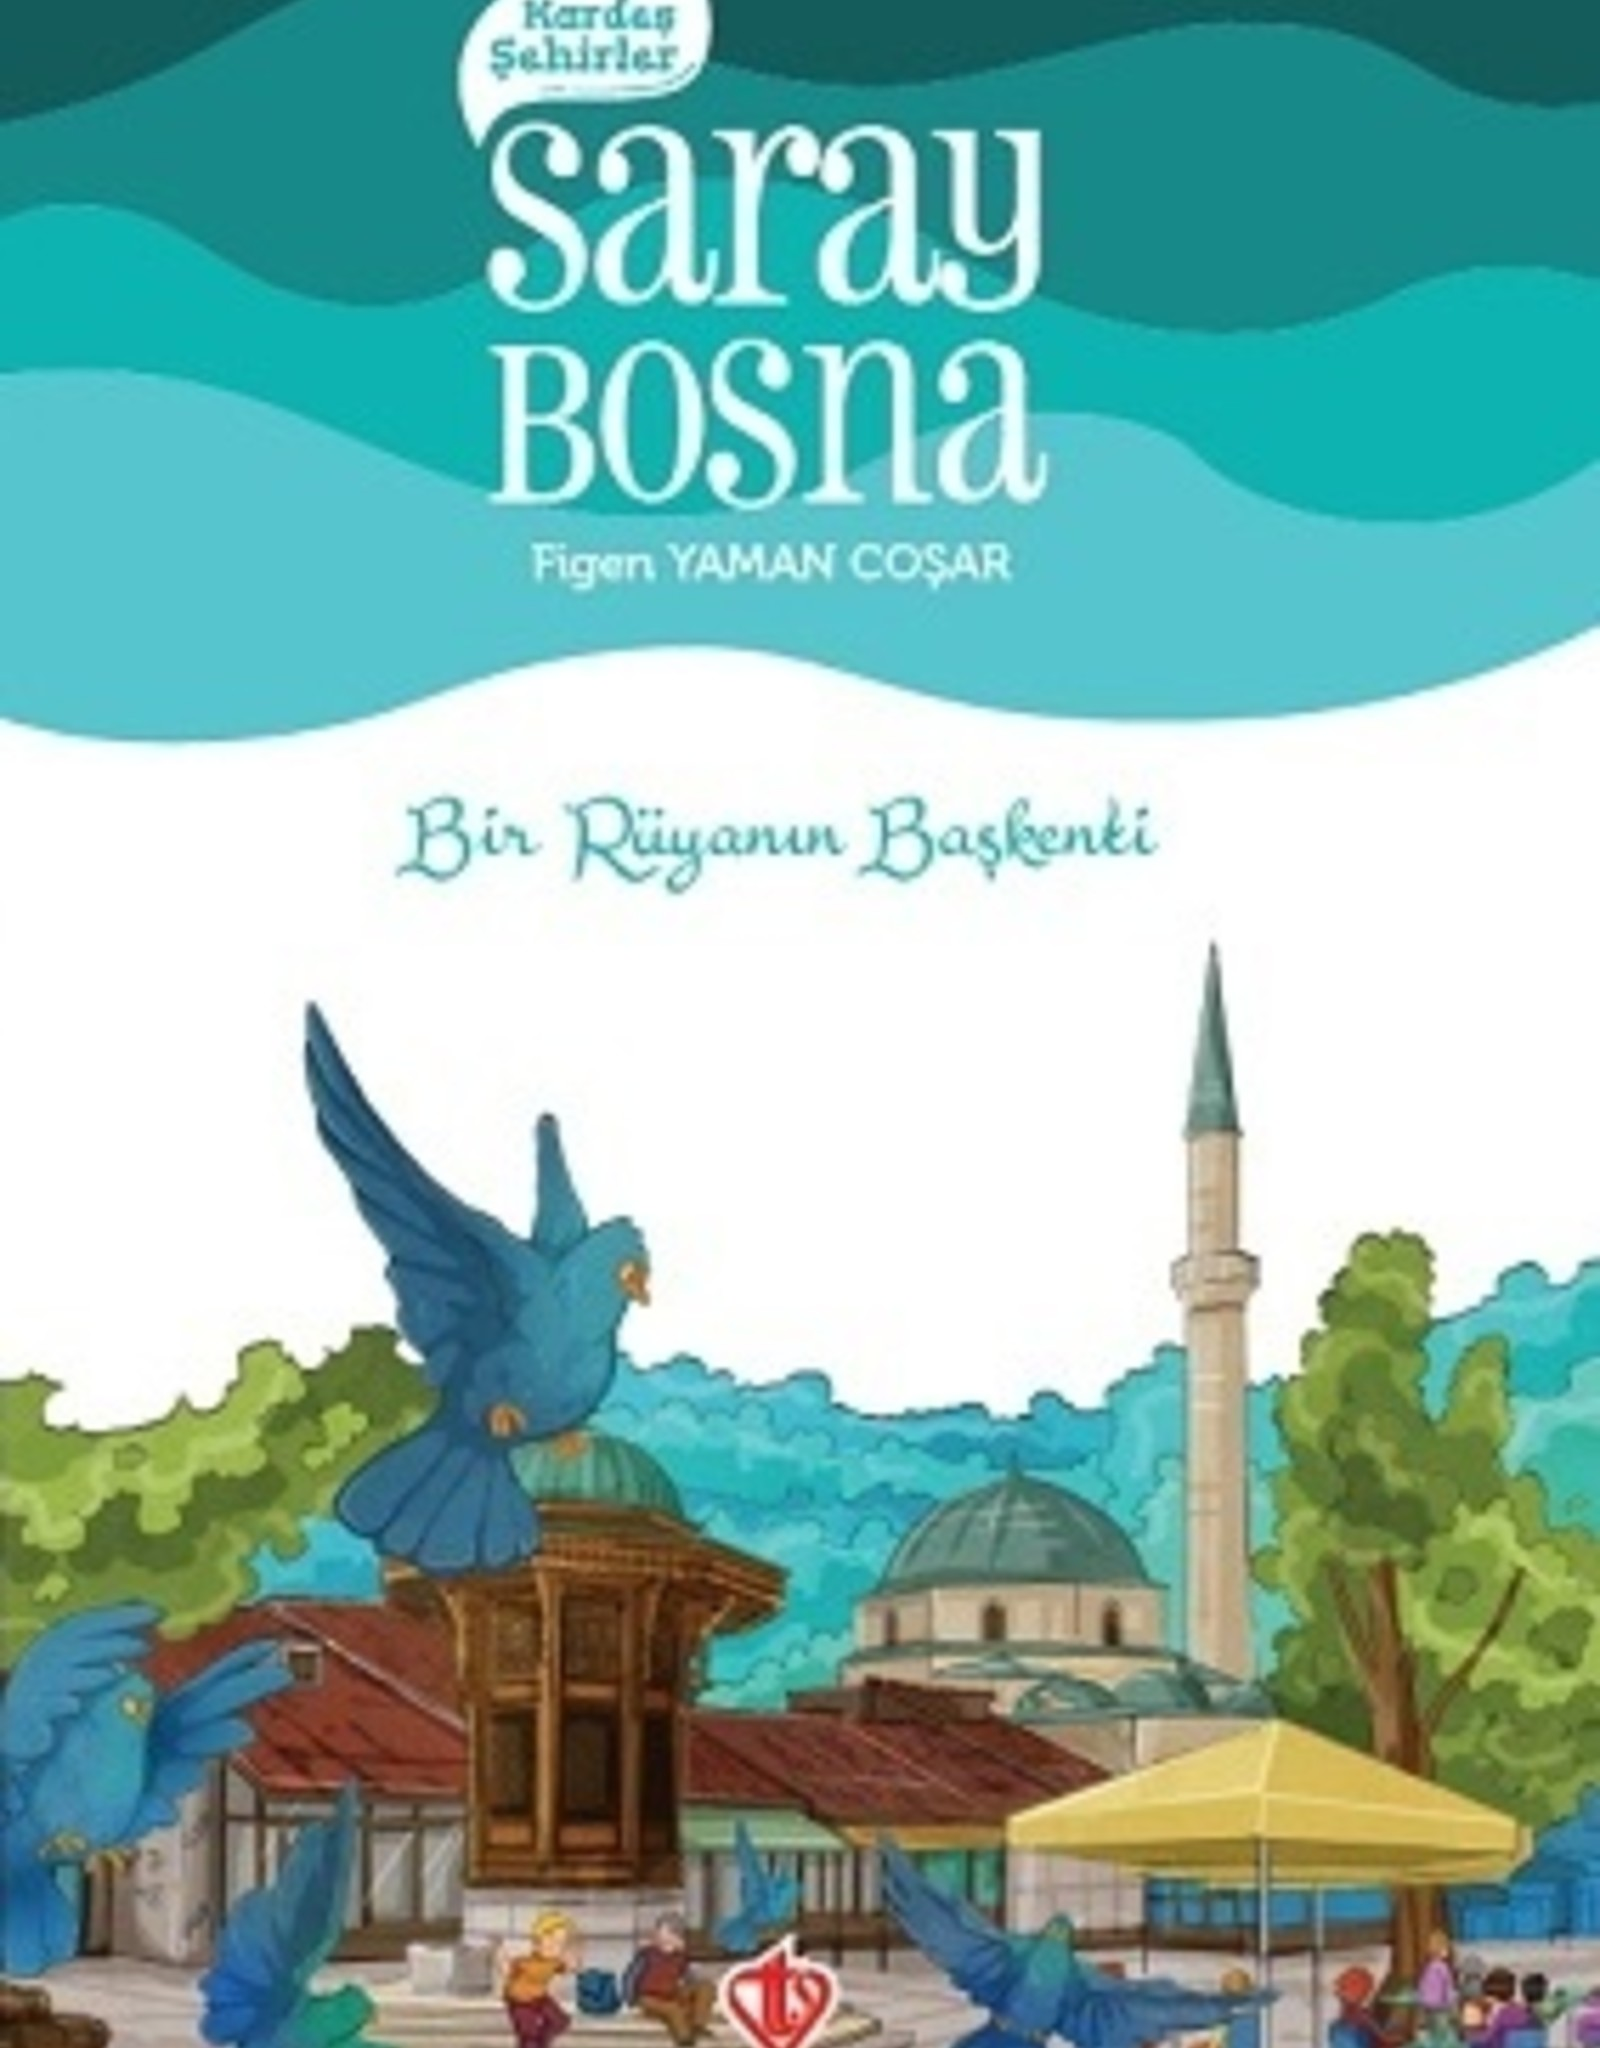 Kardeş Şehirler Saray Bosna